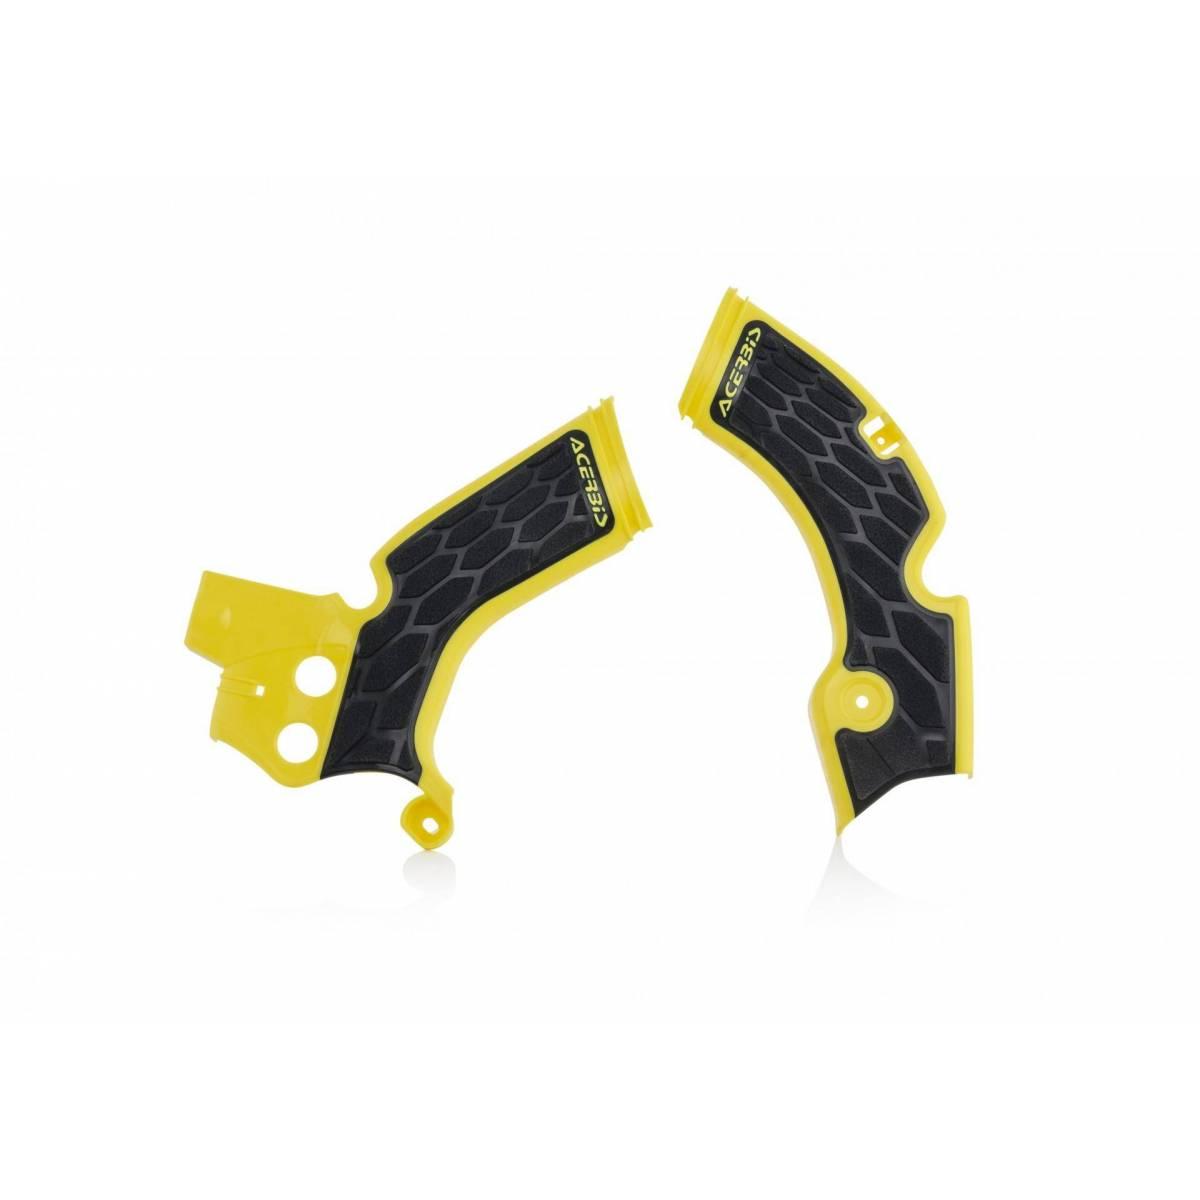 0022879-279 - Cubre Chasis Acerbis Rmz 250 15 17 Amarillo Negro